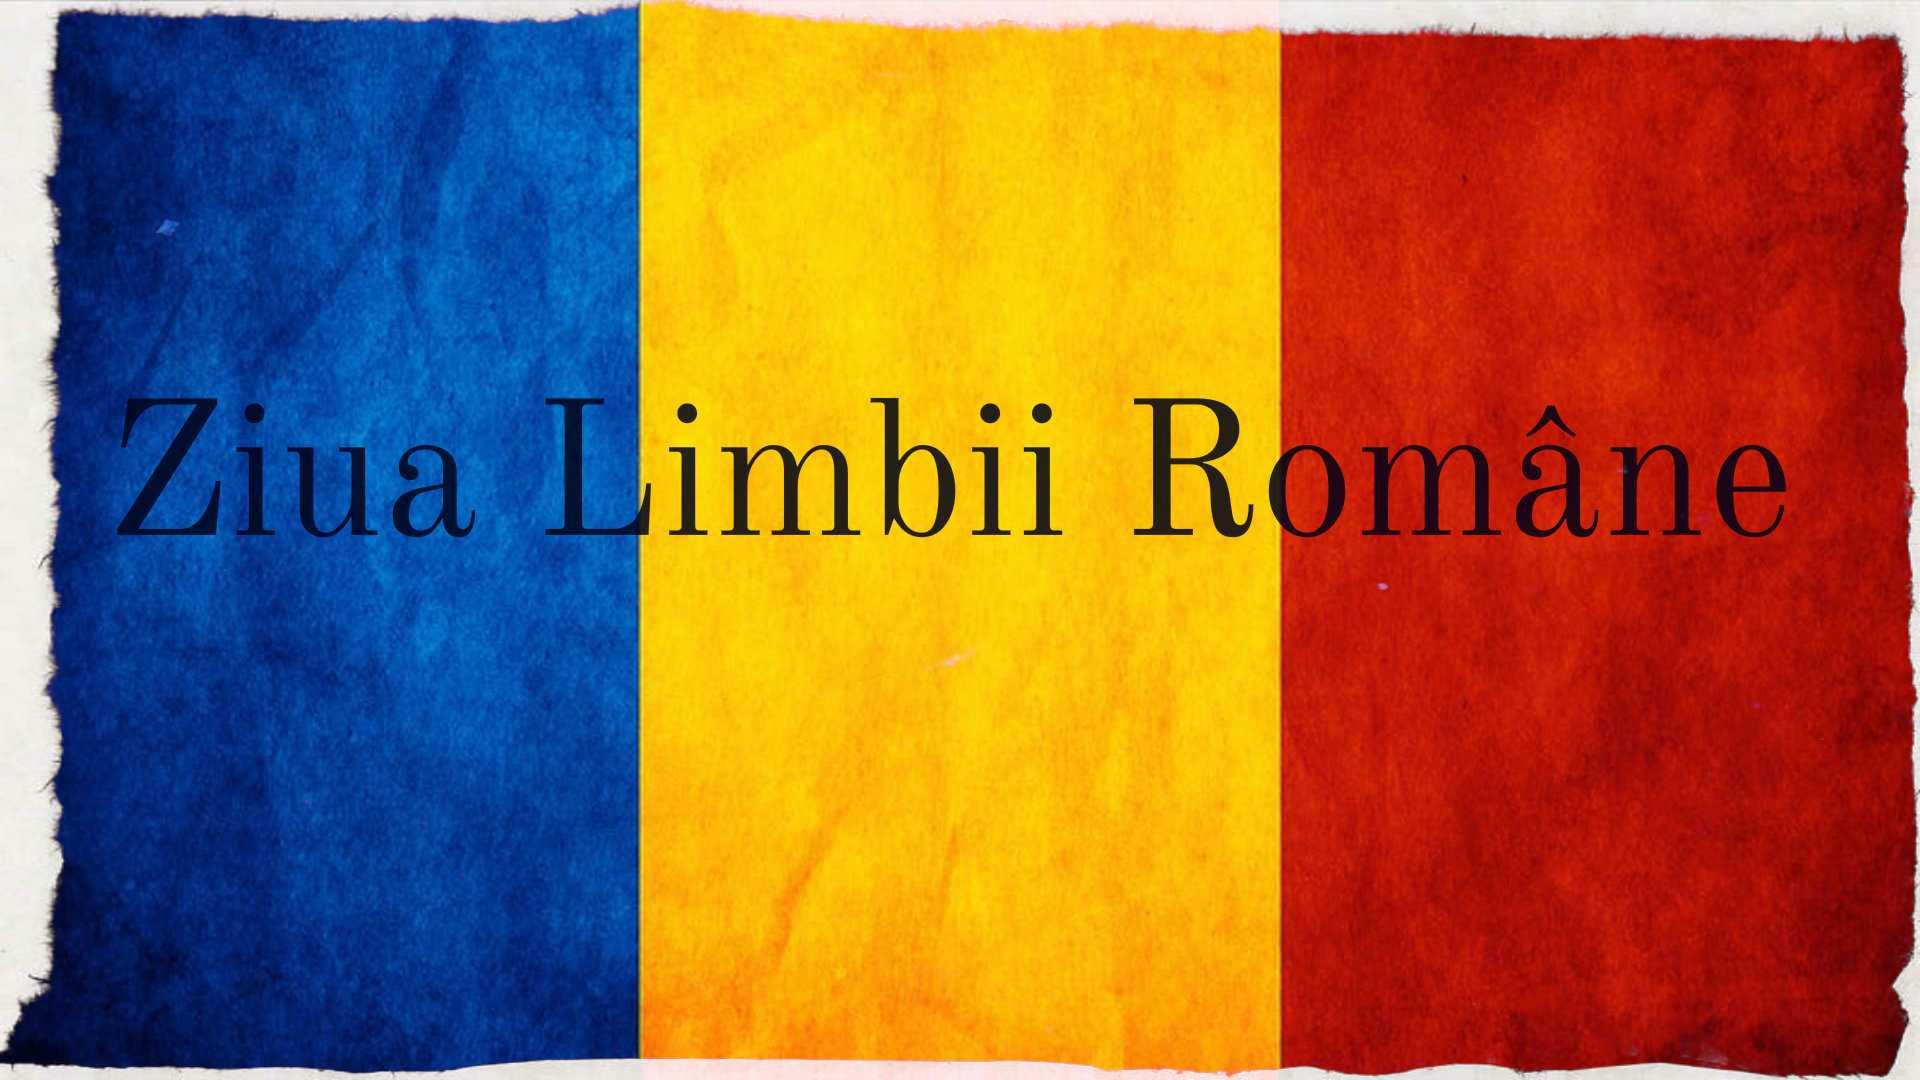 ZIUA LIMBII ROMÂNE. De ce avem nevoie de această sarbătoare?